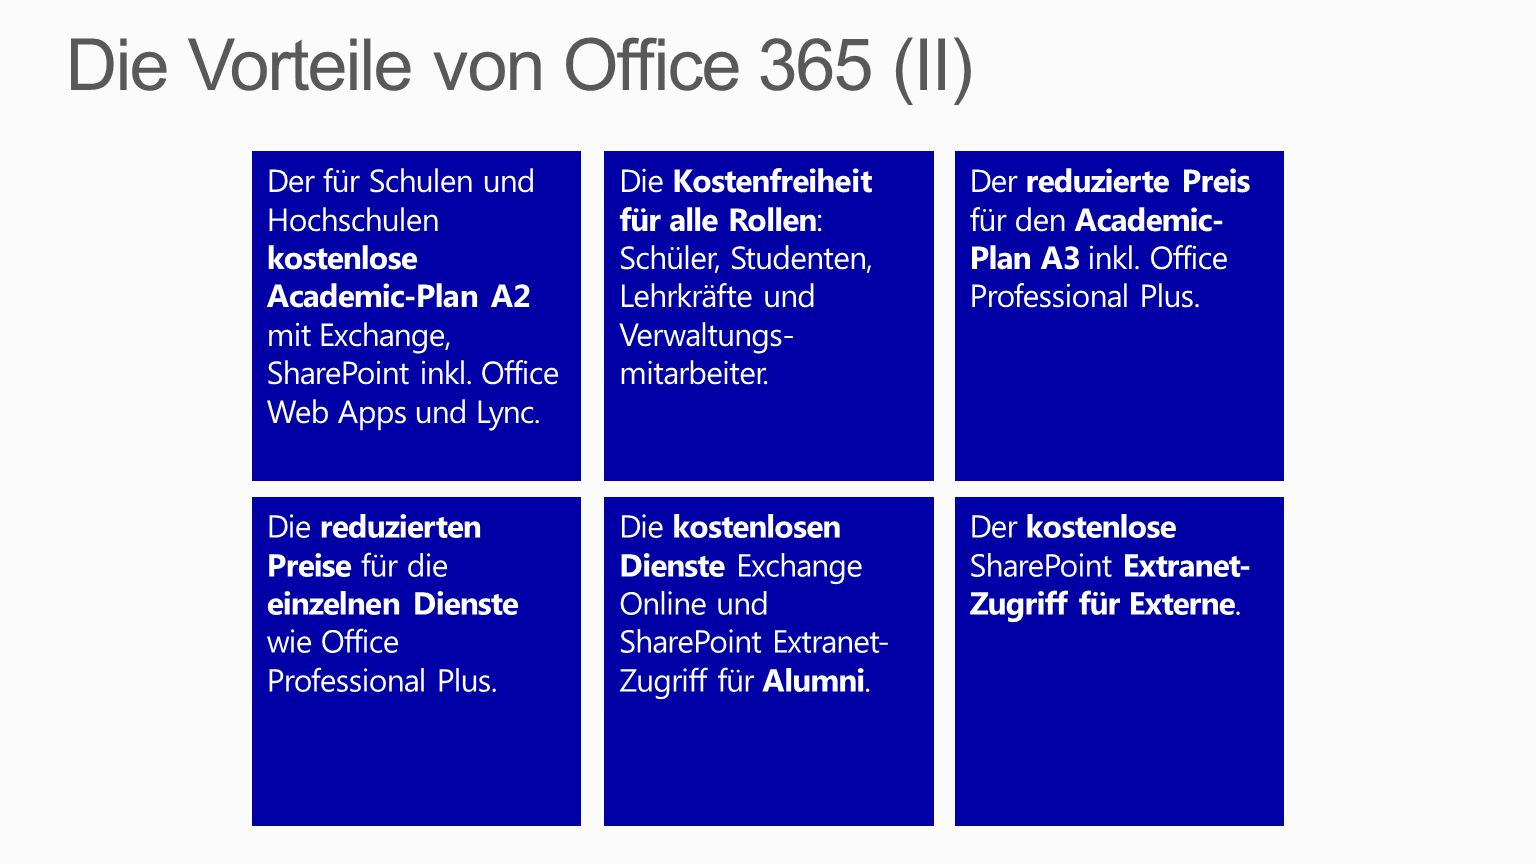 Die Vorteile von Office 365 (II)